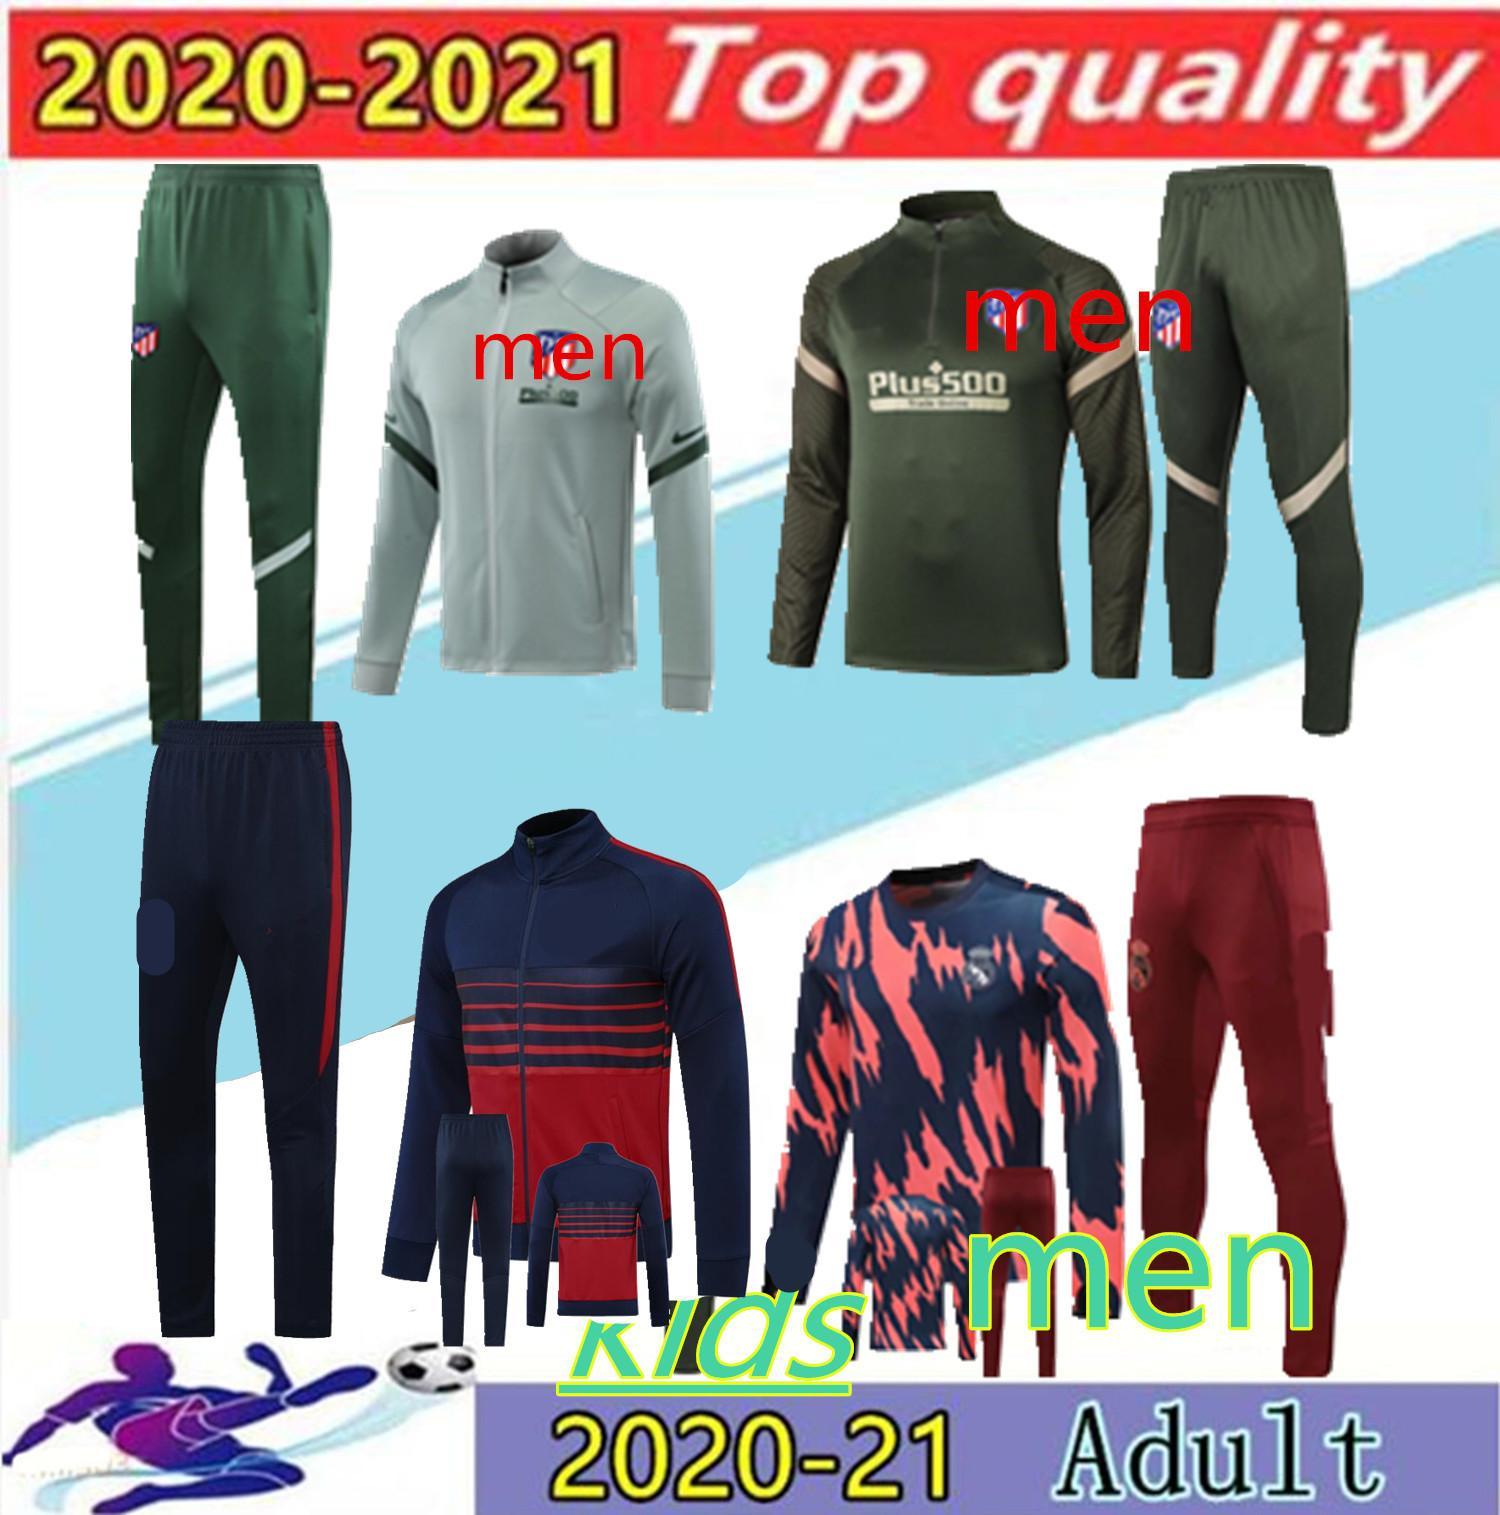 2020Adult +kids Atletico giacca della tuta da calcio 2/210 Atletico MadridCosta maillot de football cerniera lungo tuta tuta